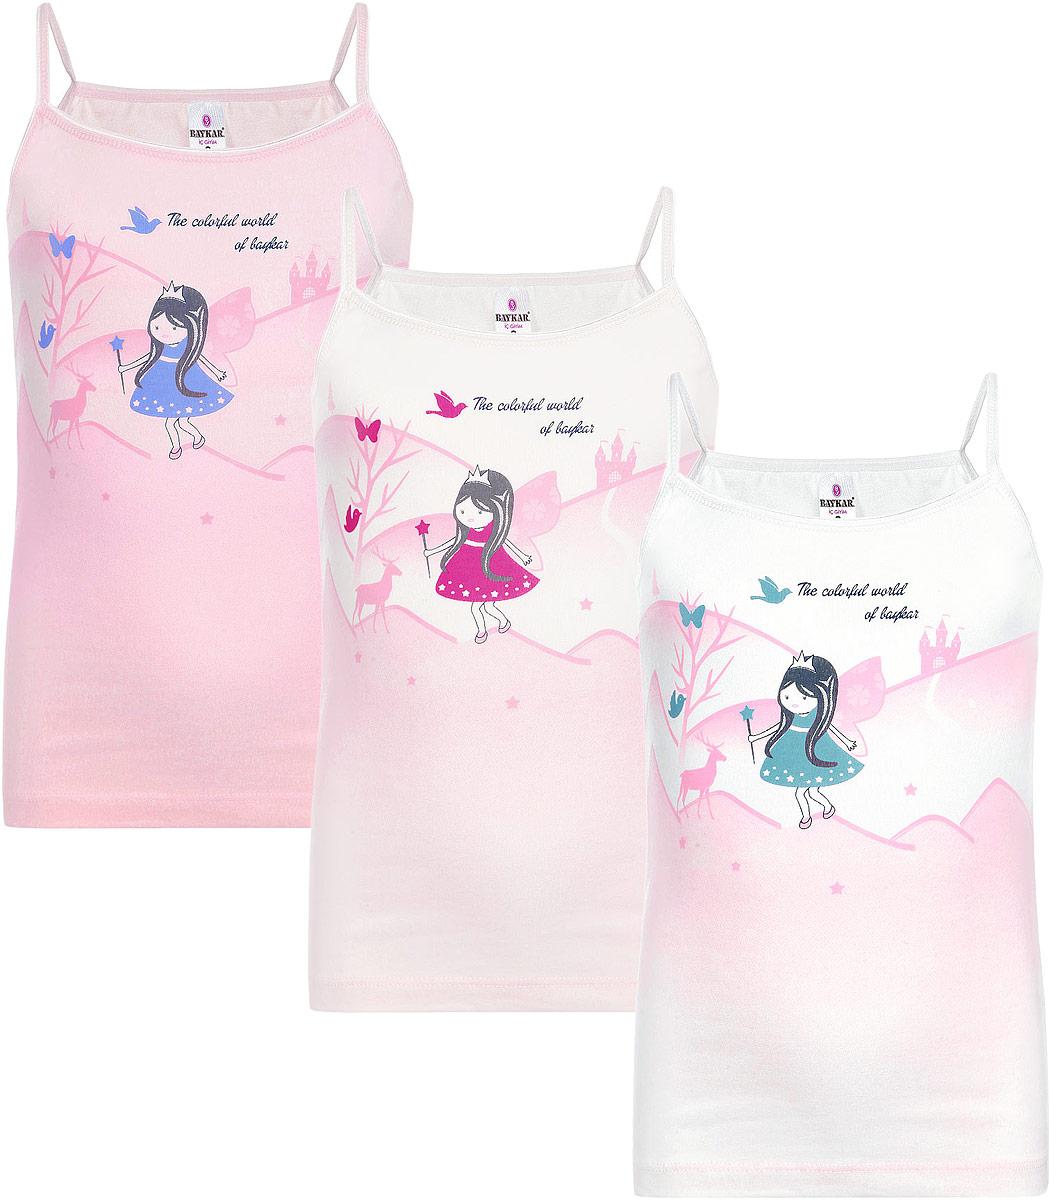 Майка для девочки, 3 шт. N4286-22N4286-22Майка для девочки Baykar станет модным и стильным предметом детского гардероба. Изготовленная из эластичного хлопка, она необычайно мягкая и приятная на ощупь, не сковывает движения и позволяет коже дышать, не раздражает даже самую нежную и чувствительную кожу ребенка, обеспечивая ему наибольший комфорт. Модель на бретелях с круглым вырезом горловины имеет слегка приталенный крой. Горловина и проймы рукавов обработаны тонкой эластичной резинкой. Оформлено изделие принтом с изображением феи и надписью The Colorful World of Baykar. В этой майке ваша маленькая принцесса будет чувствовать себя уютно и комфортно. В комплект входят три маечки, выполненные в разных цветах.